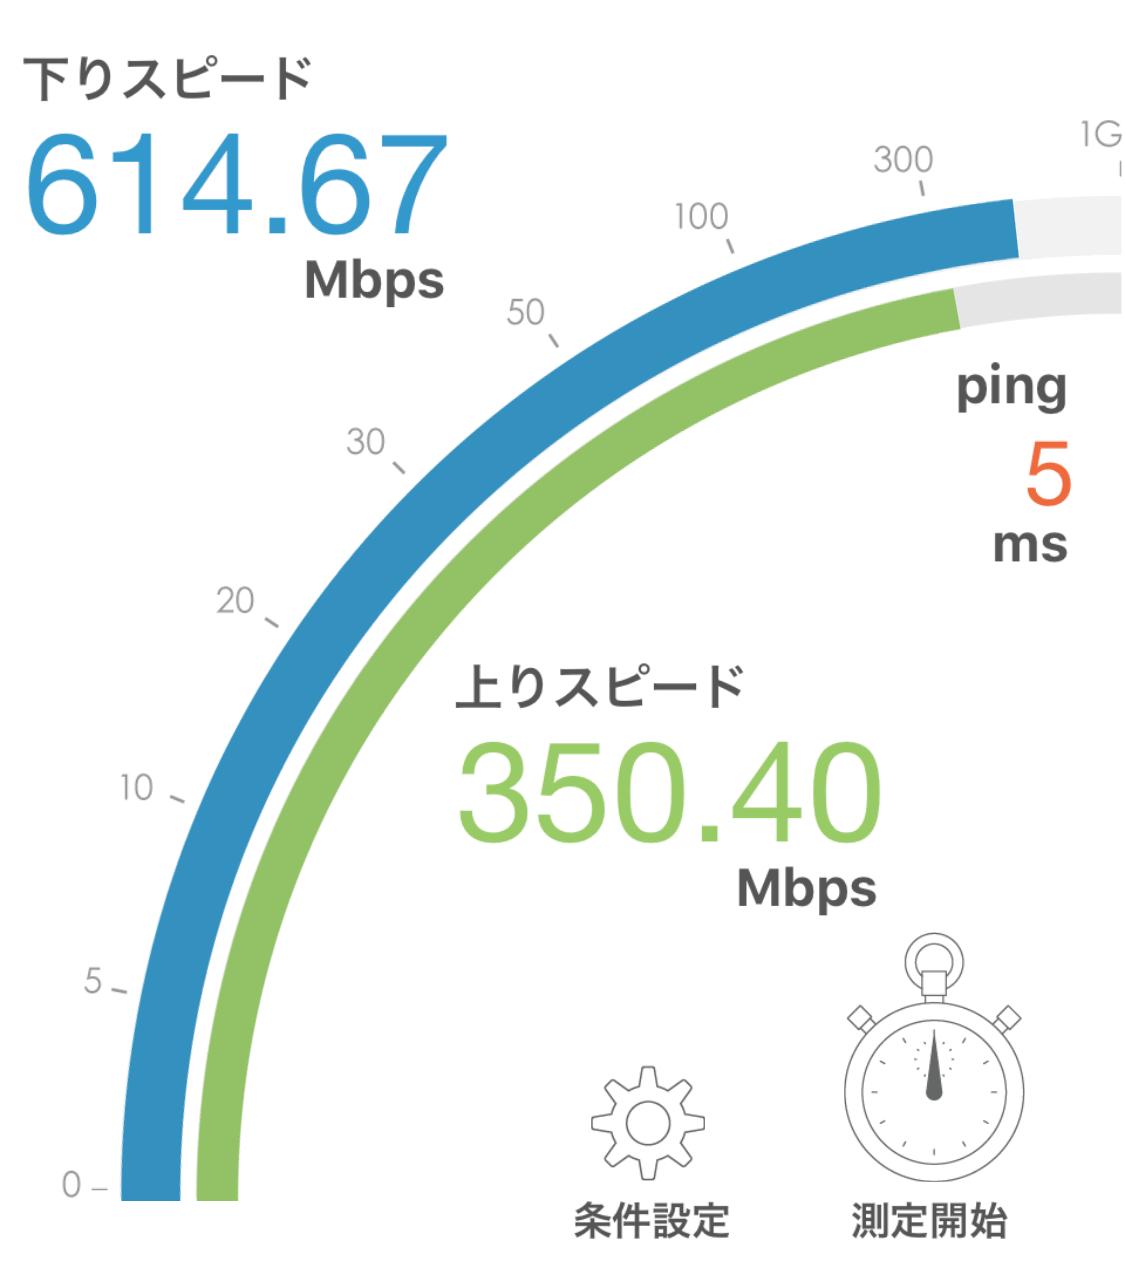 ニューロ光 Wi-Fi実測 2019年6月 計測結果